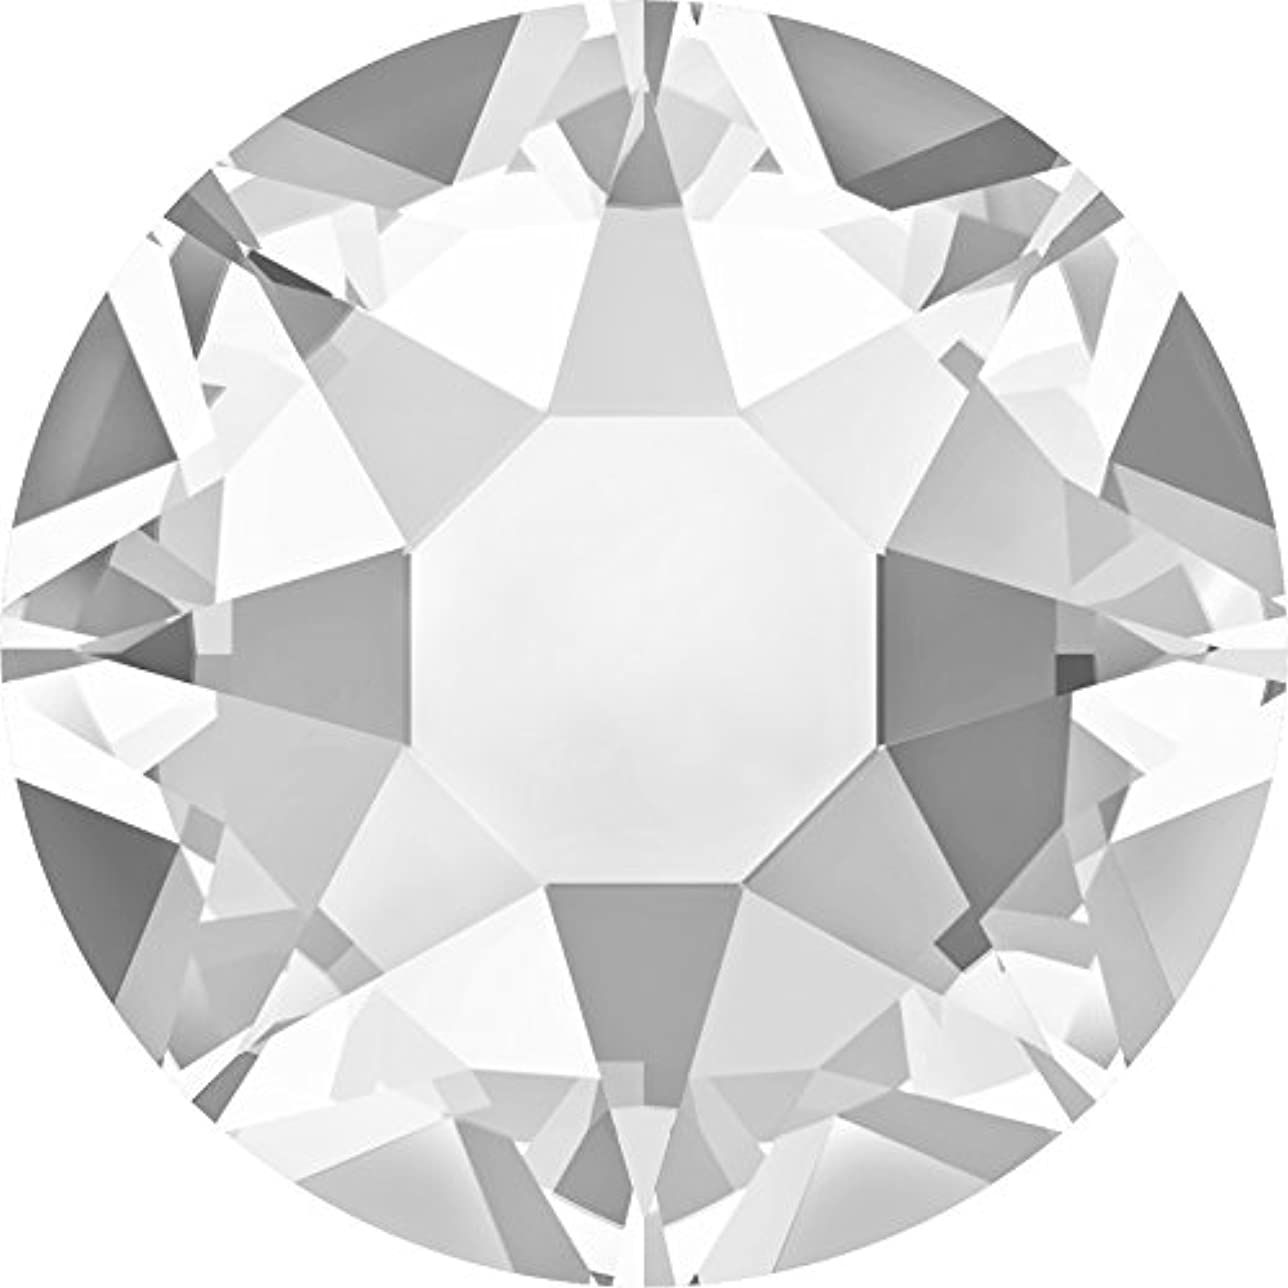 刃動詞絡まるスワロフスキー(Swarovski) クリスタライズ ラインストーン 【ホットフィックス】布用スワロ (SS12(約3mm)40粒入, クリスタル)